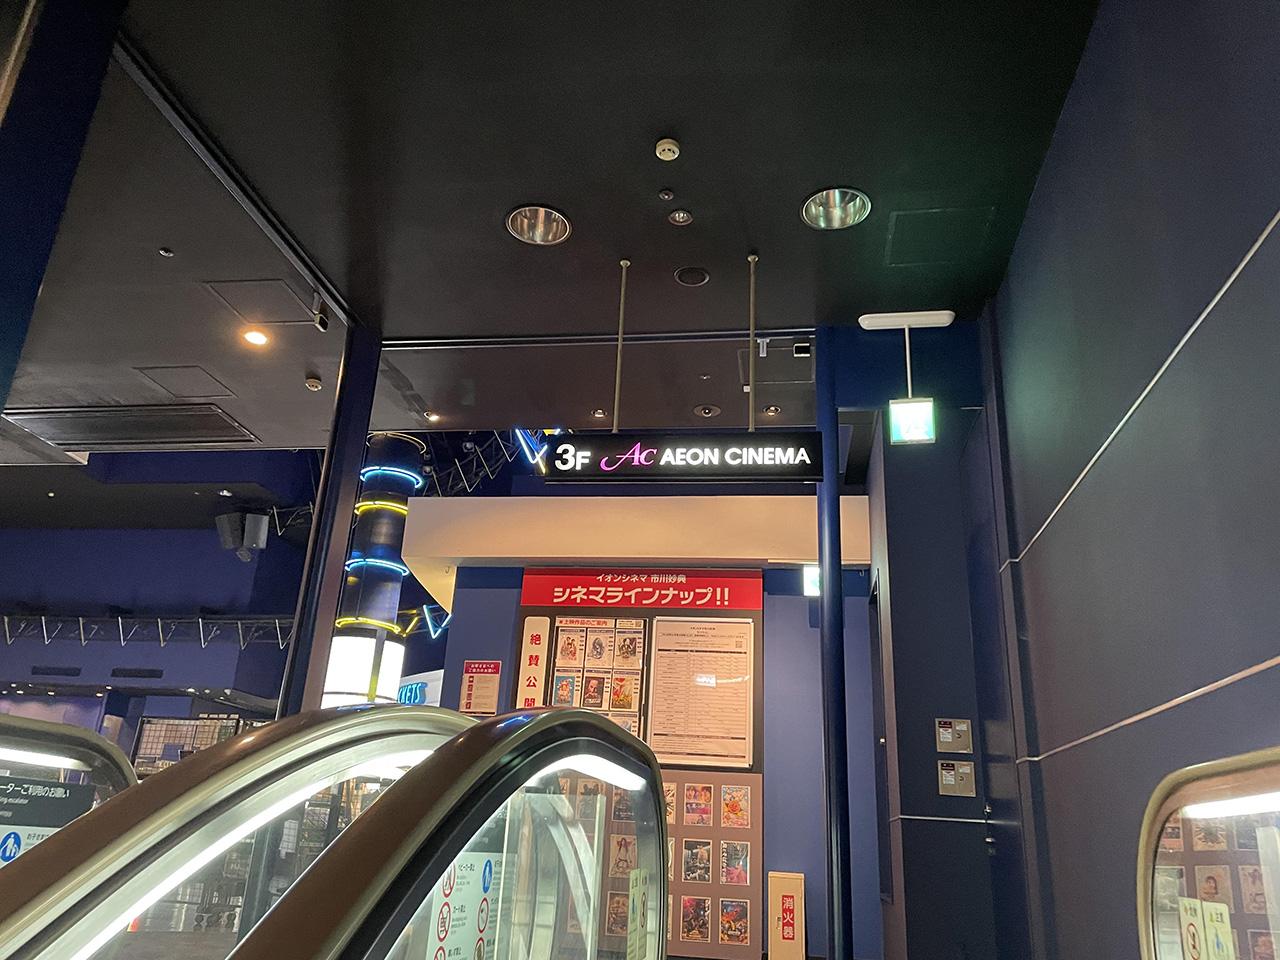 イオンシネマ市川妙典の劇場内の写真